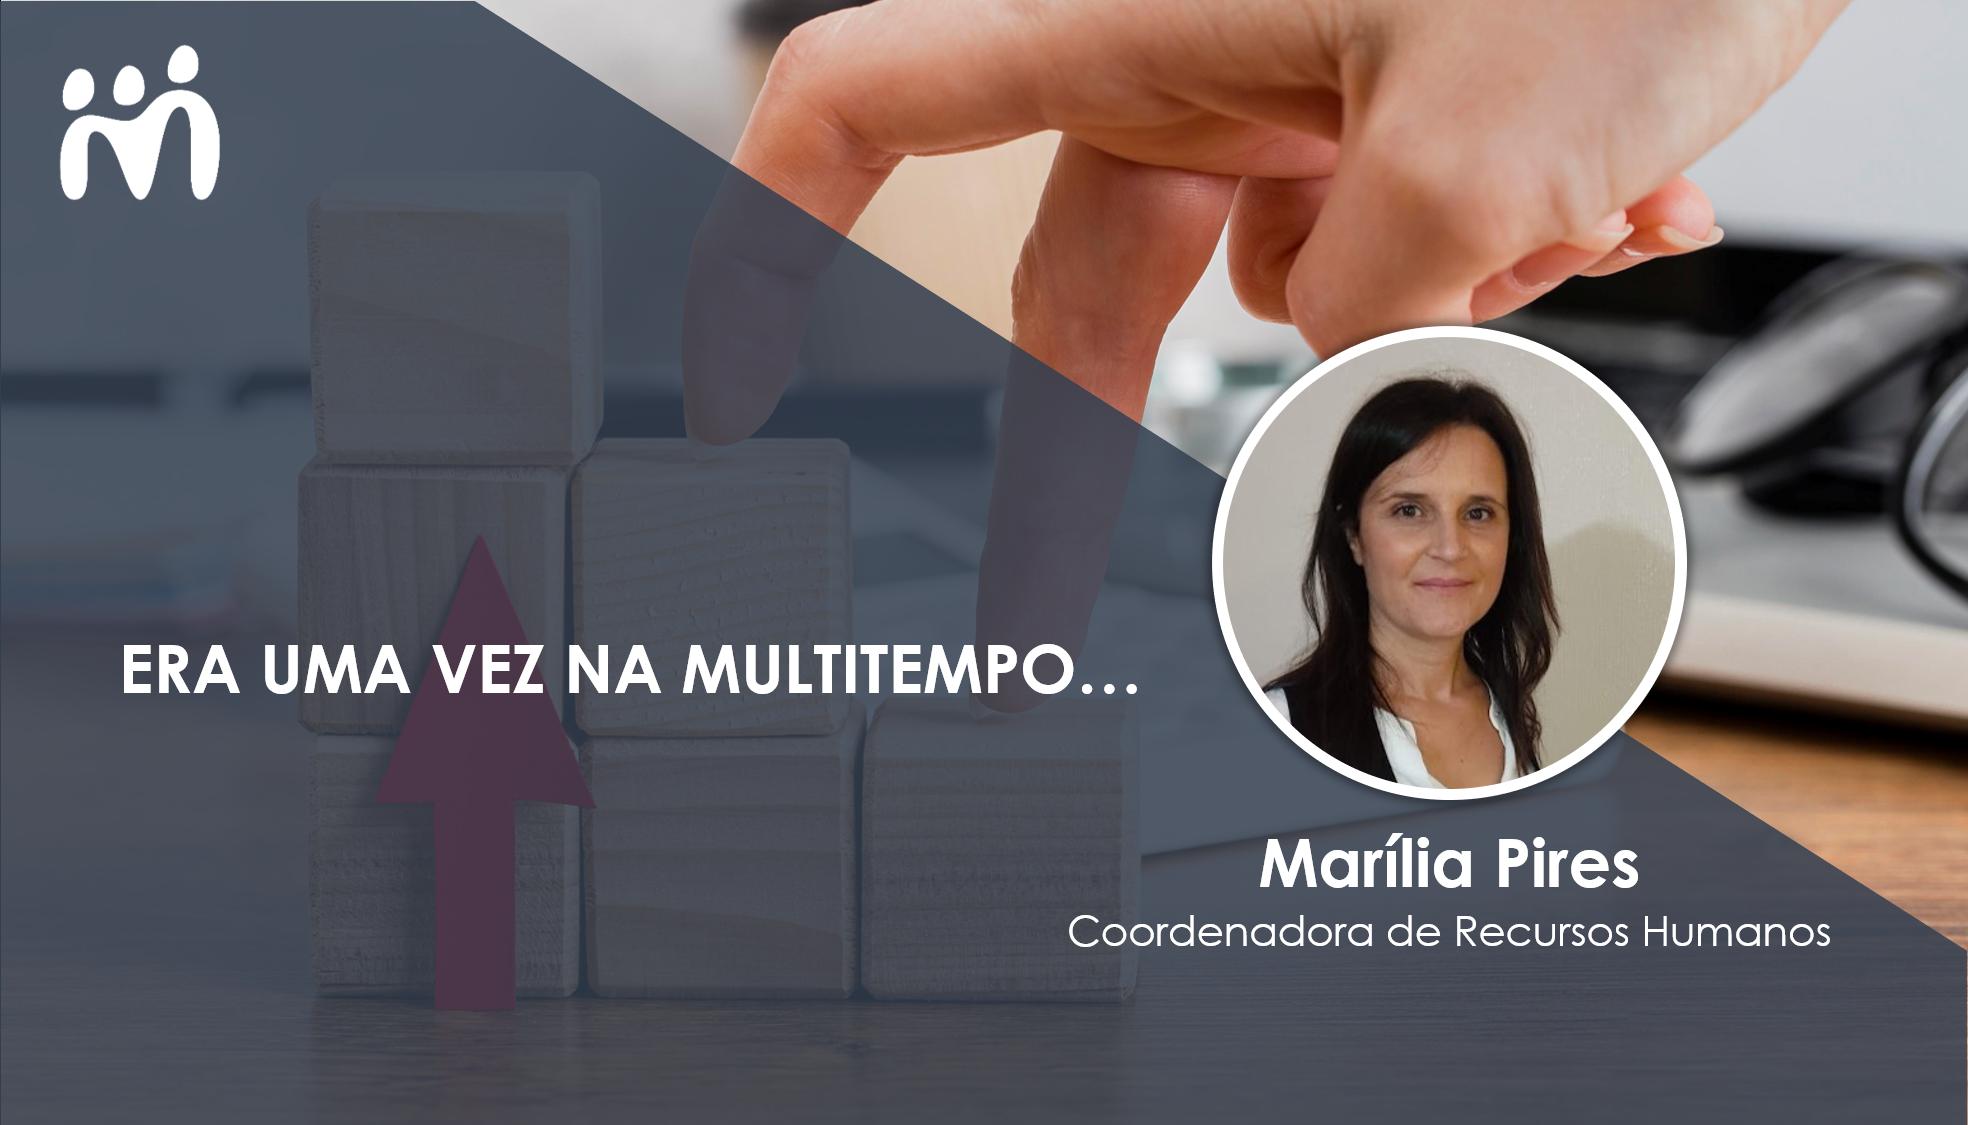 Marília Pires, de Estagiária a Coordenadora